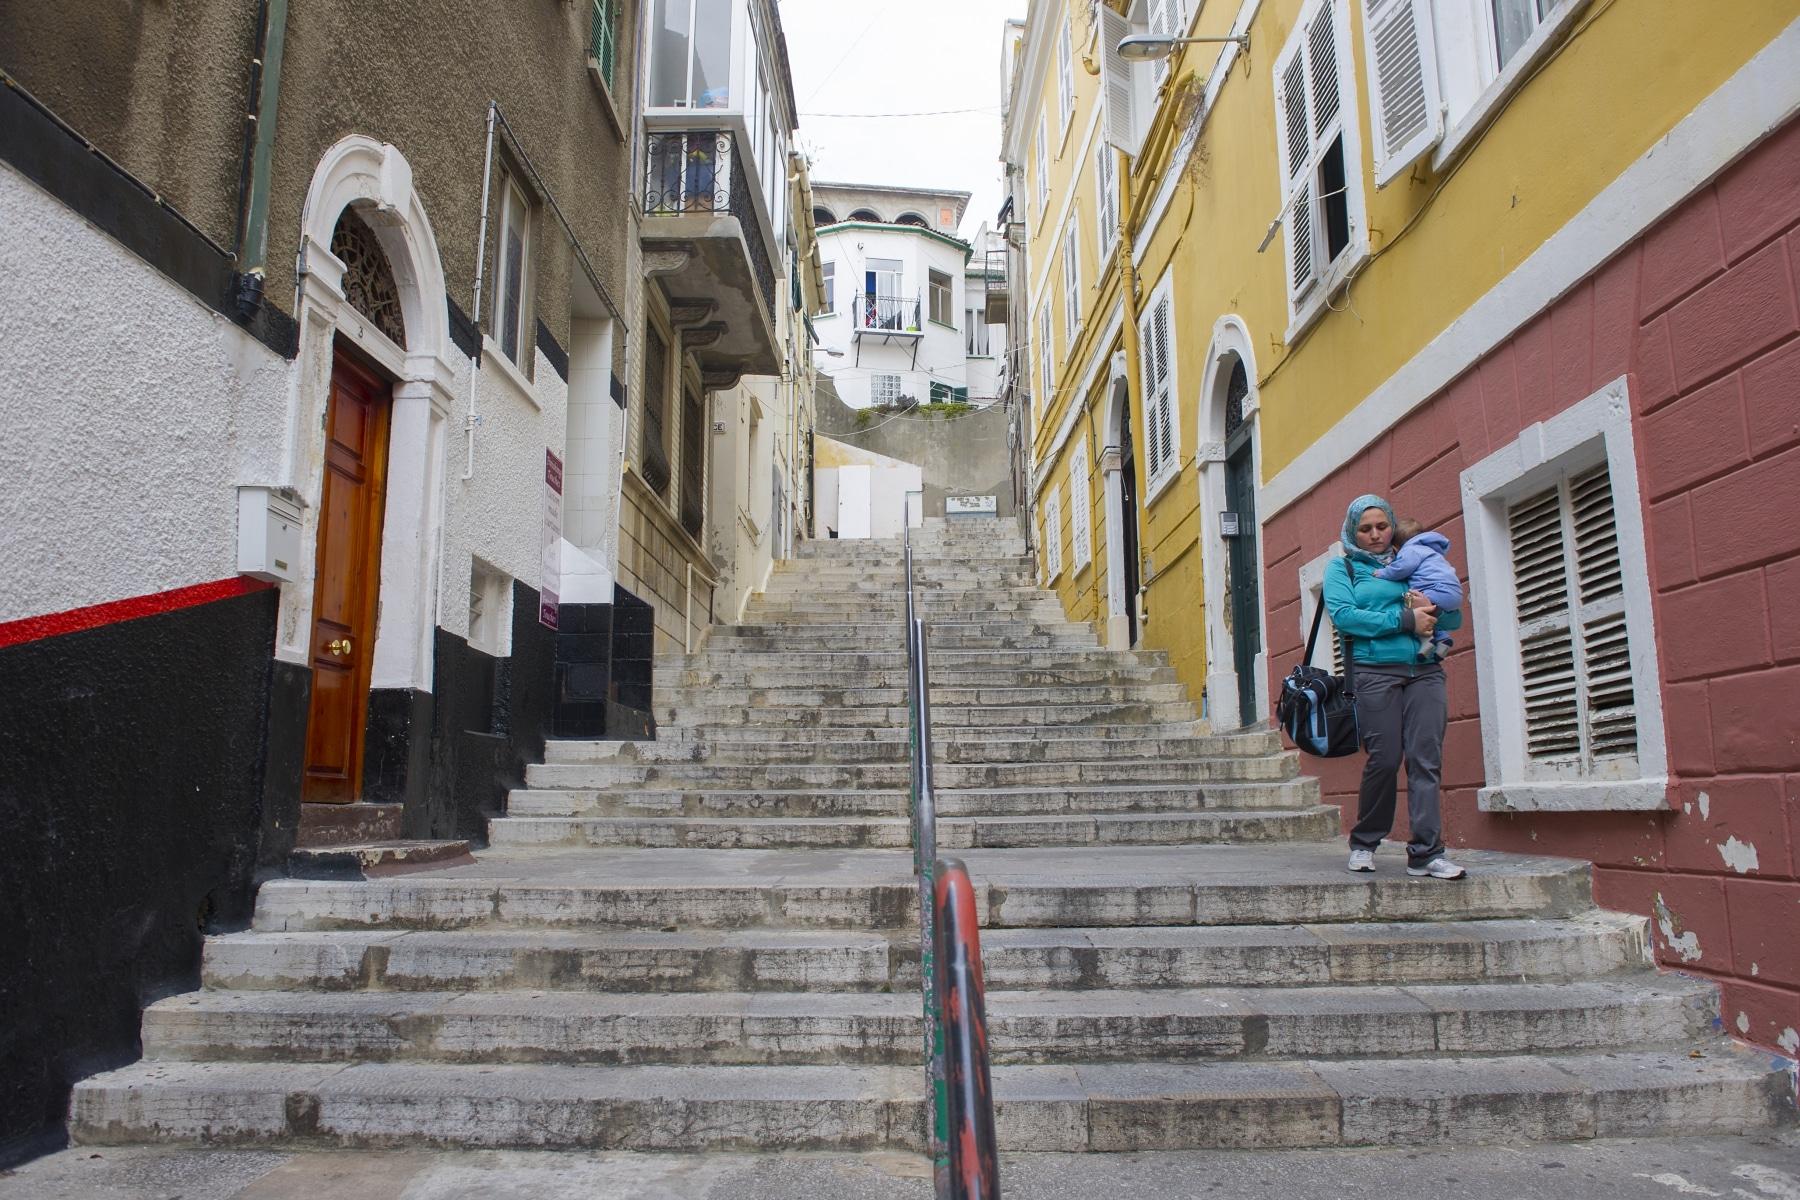 paisajes-urbanos-gibraltar-05_9225046584_o